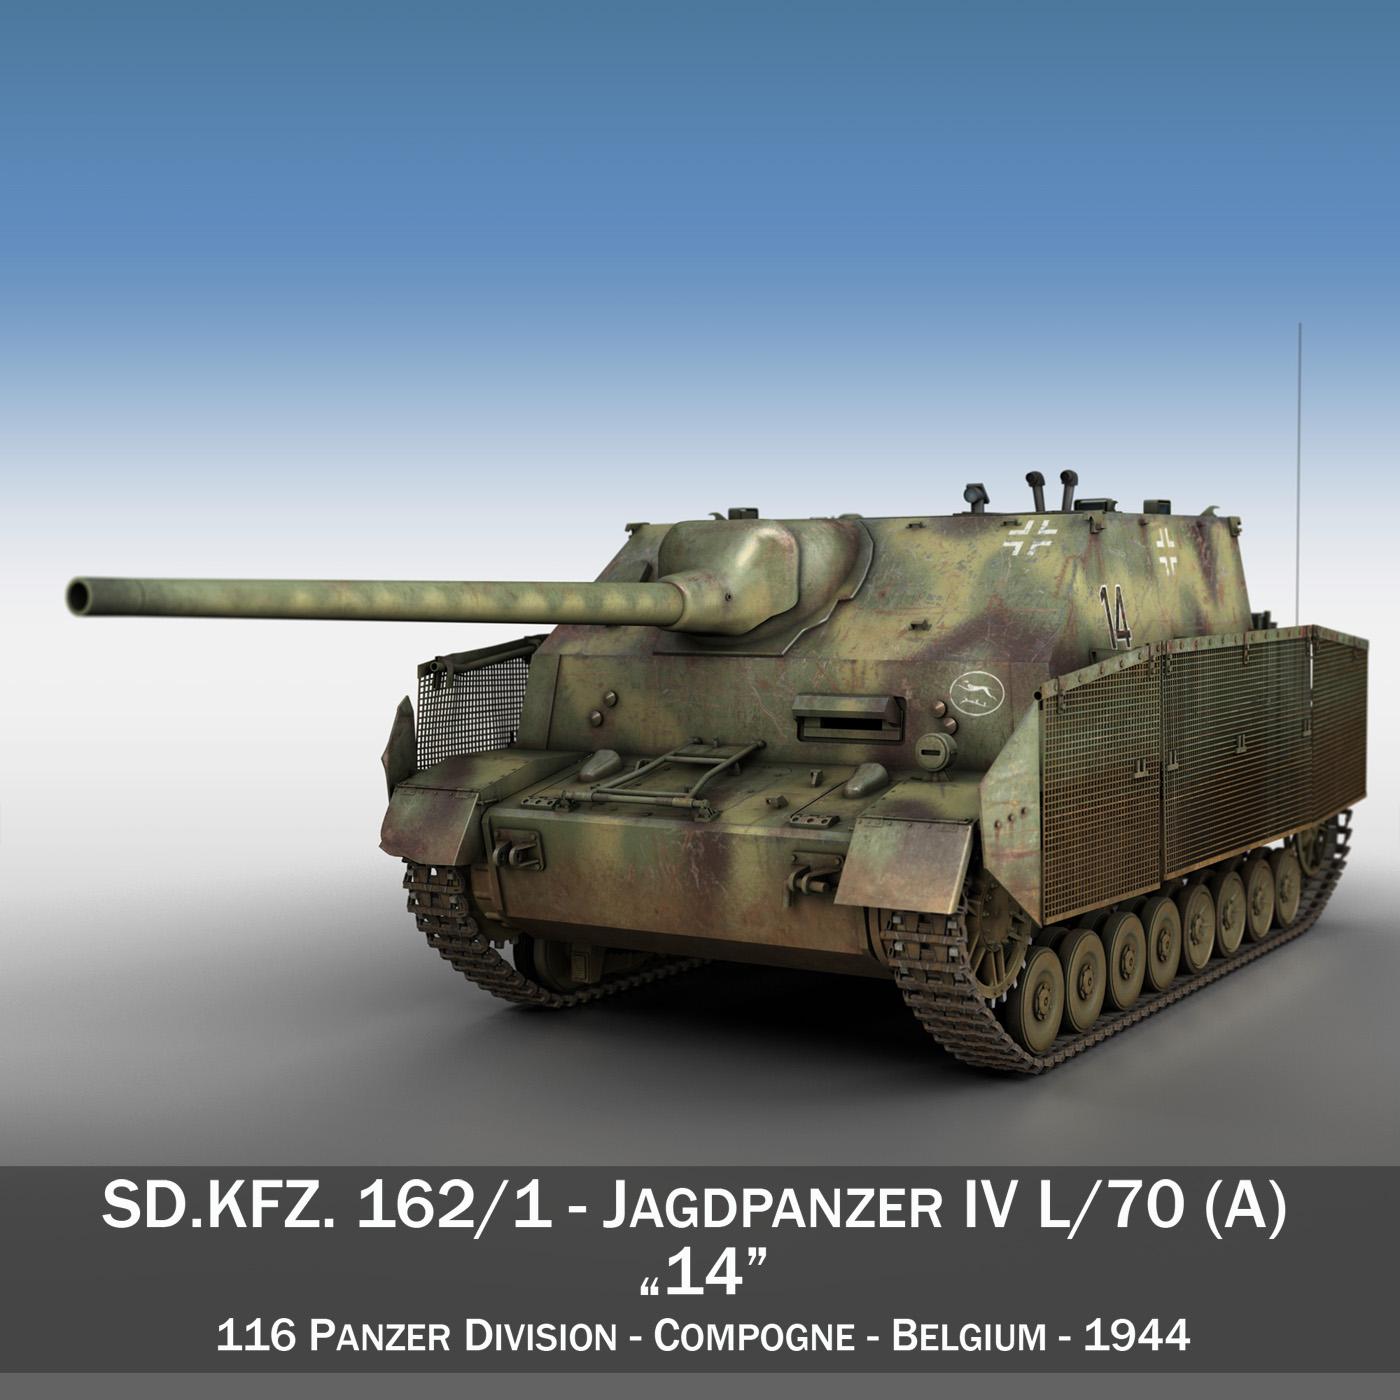 jagdpanzer iv l / 70 (a) - 14 3d model 3ds fbx c4d lwo obj 282327